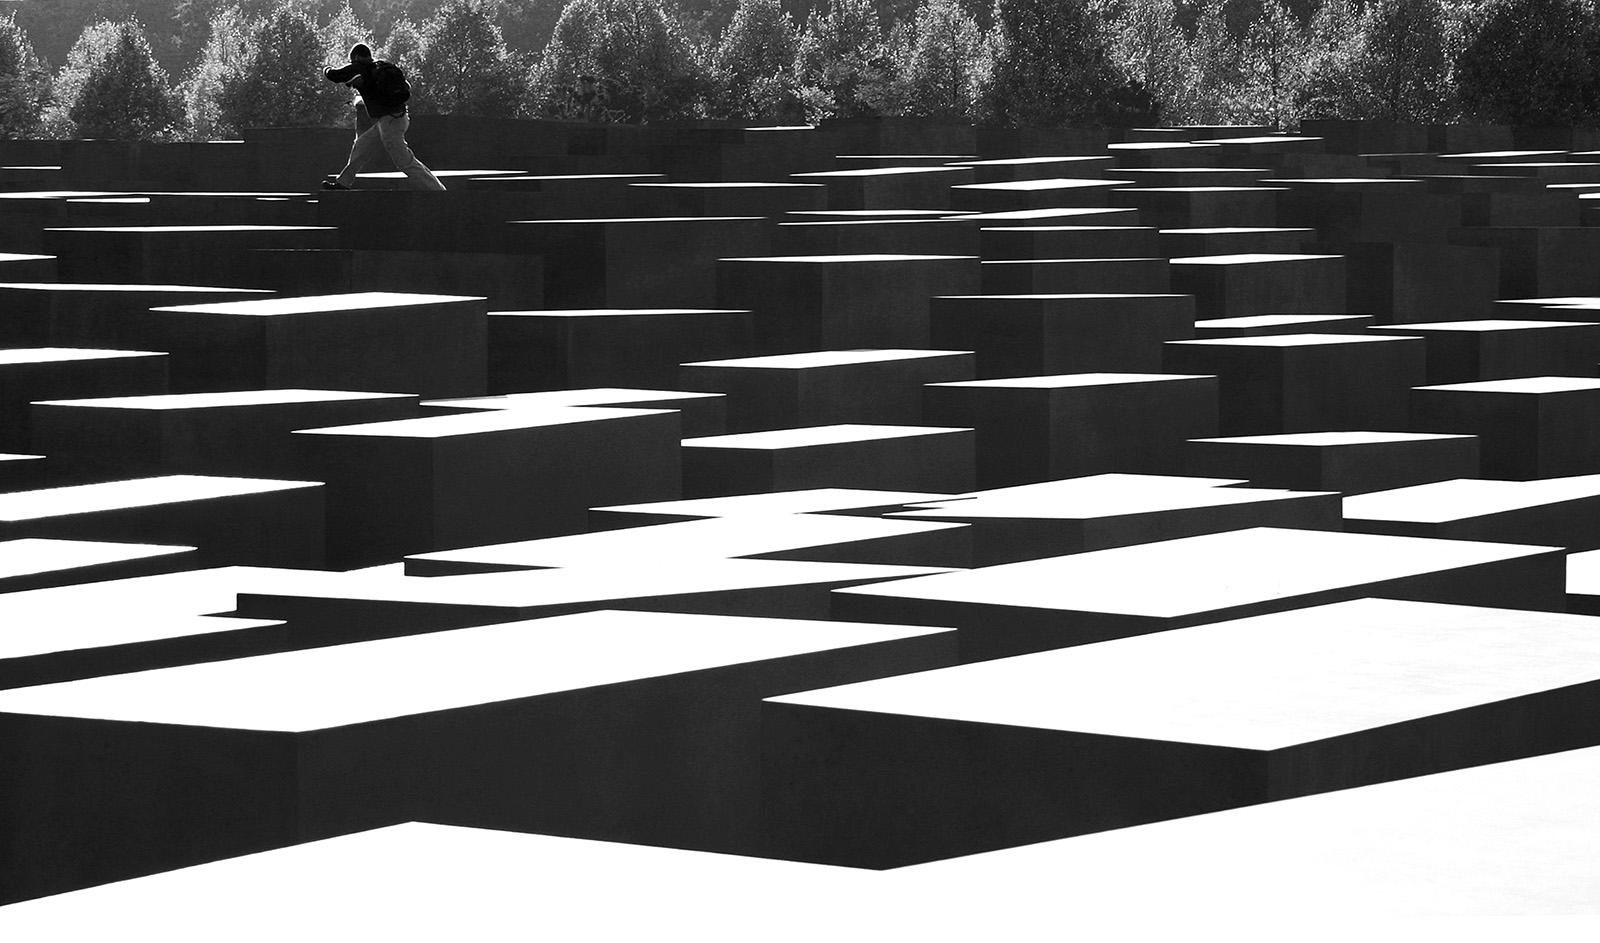 © Josef Friedinger Plats/Datum: Berlin 2005  Bildmått: 30x40 cm  Teknik: Digital c-print Montering: Svart trärm med passepartout 40x50 cm  cm, Upplaga: 15 (#9/15)  Signerad: Ja Pris: SEK 4500